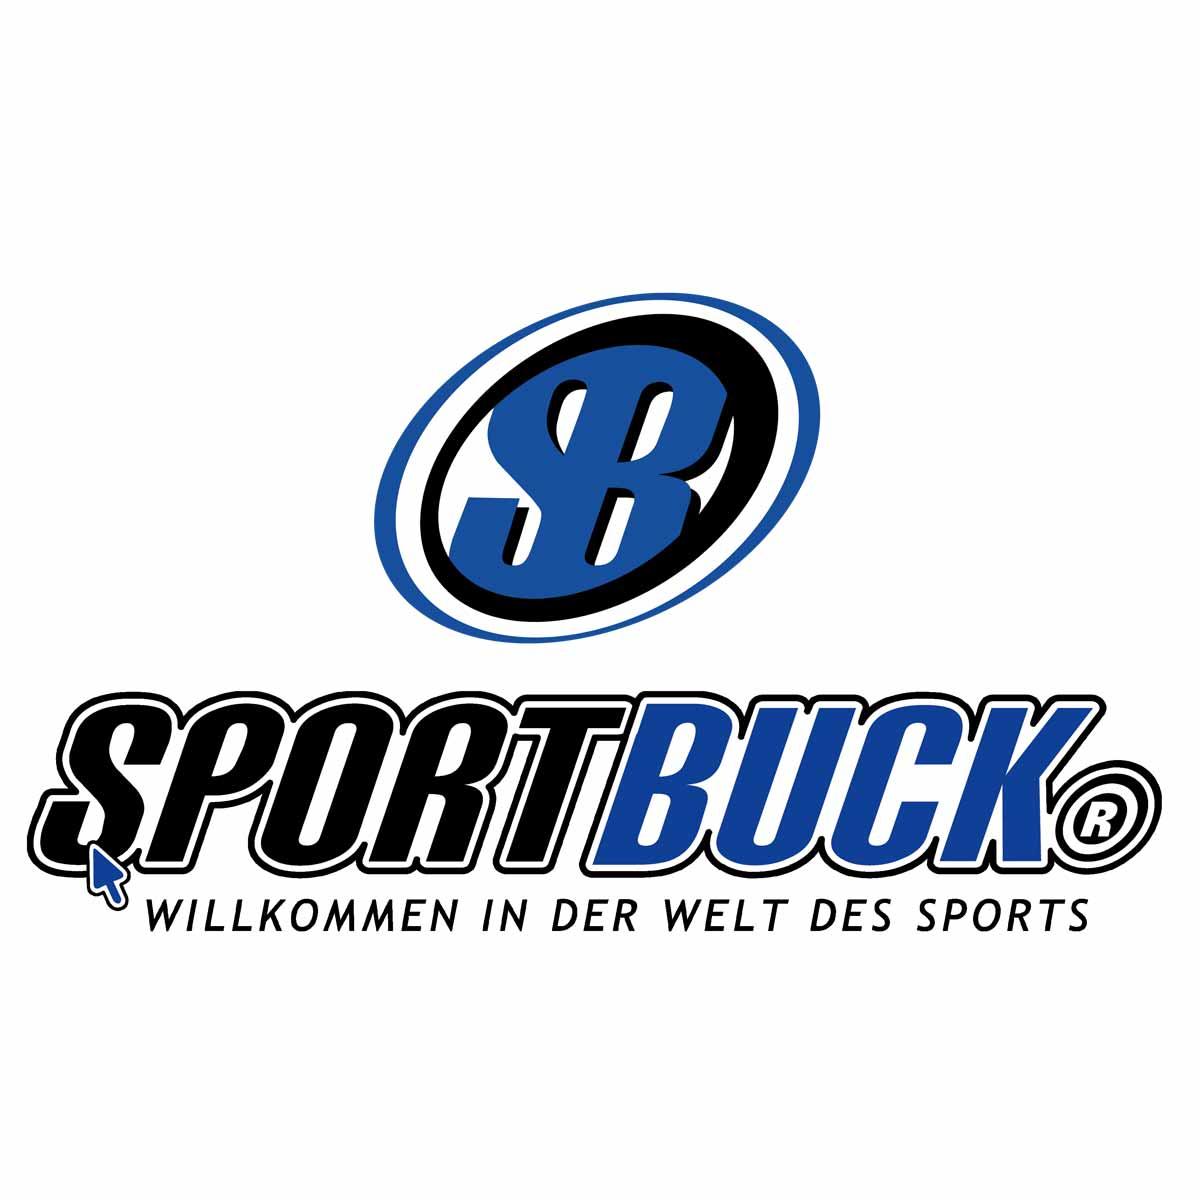 DHBFF-4 Marathon Schwarz, 40g, Rennwachs